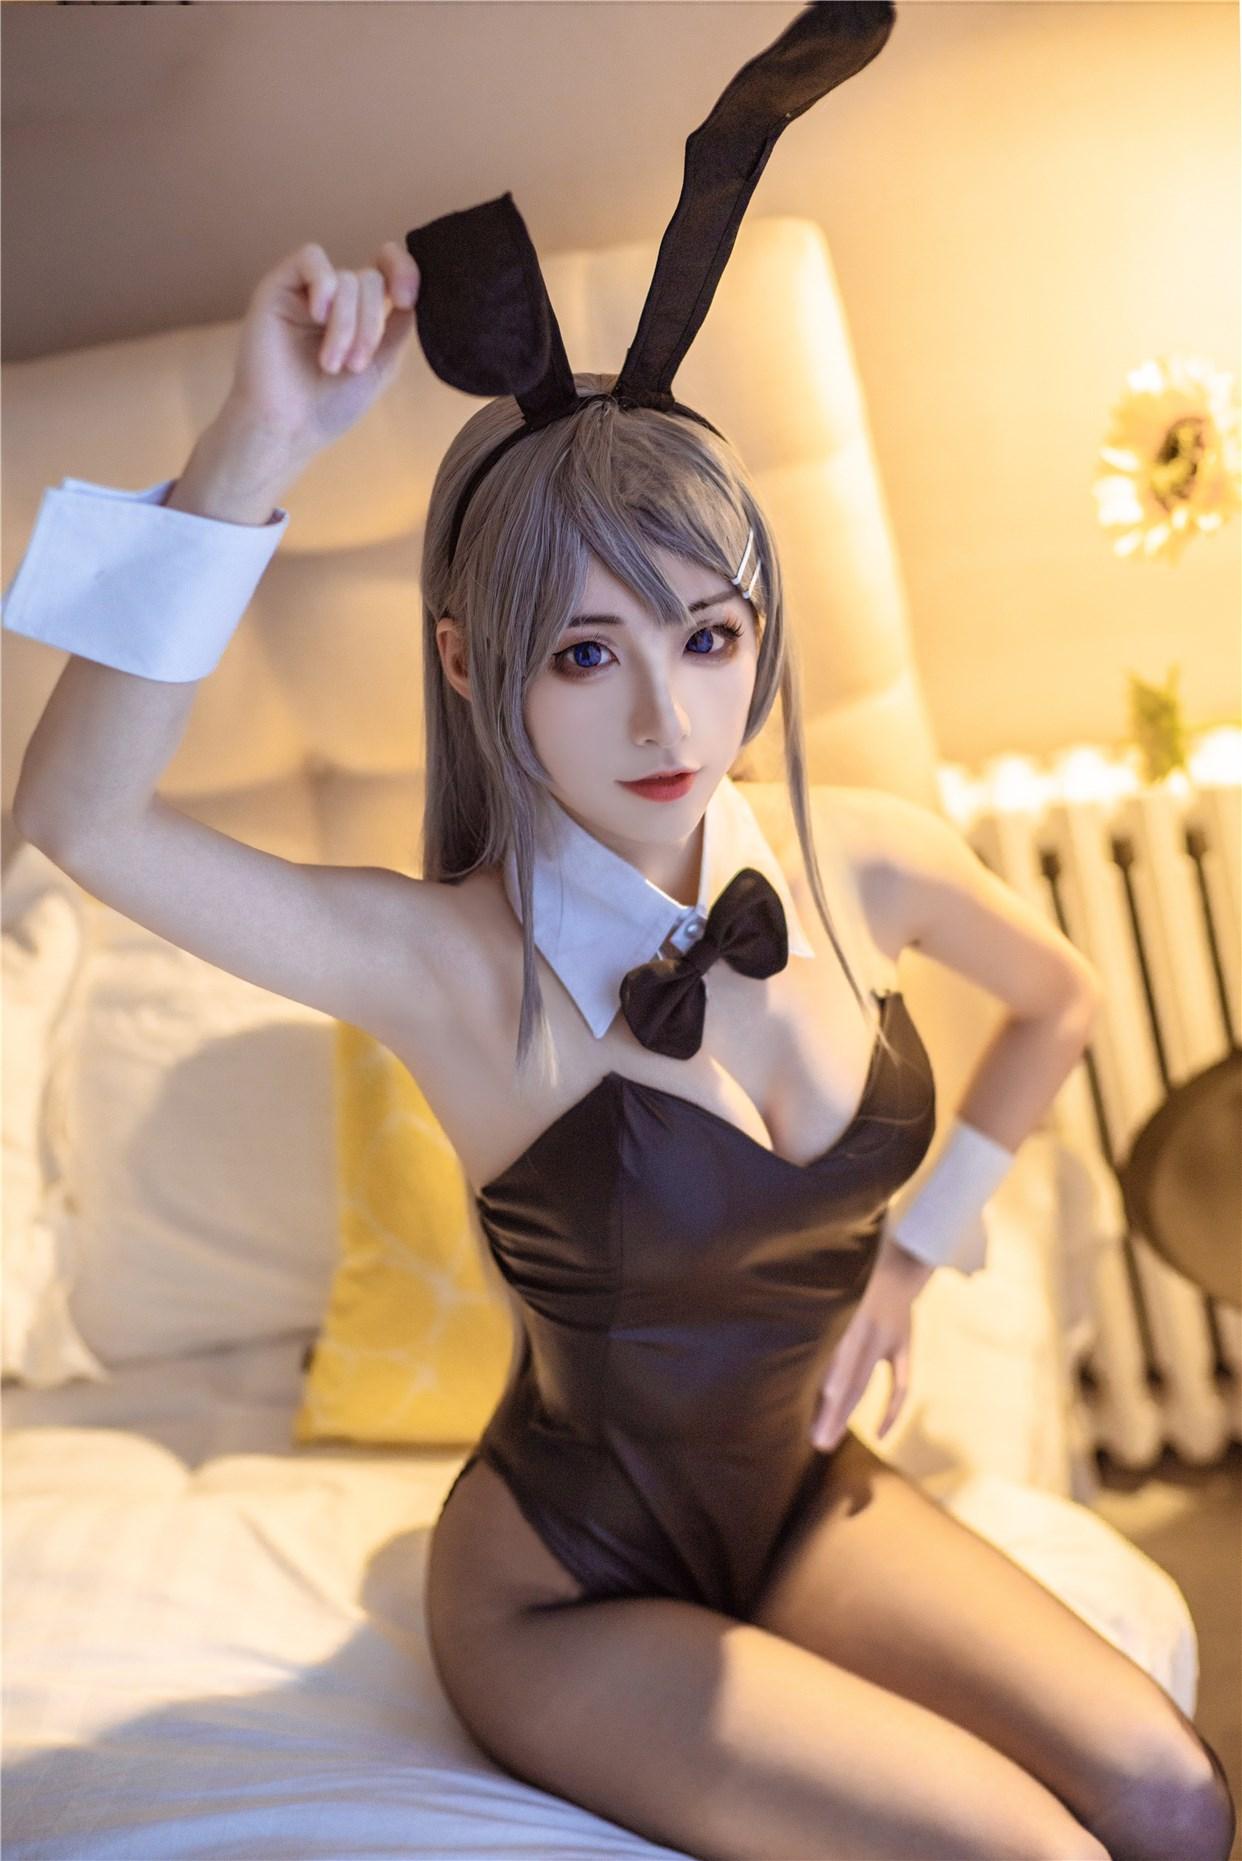 【兔玩映画】喵喵的cos合集 兔玩映画 第6张